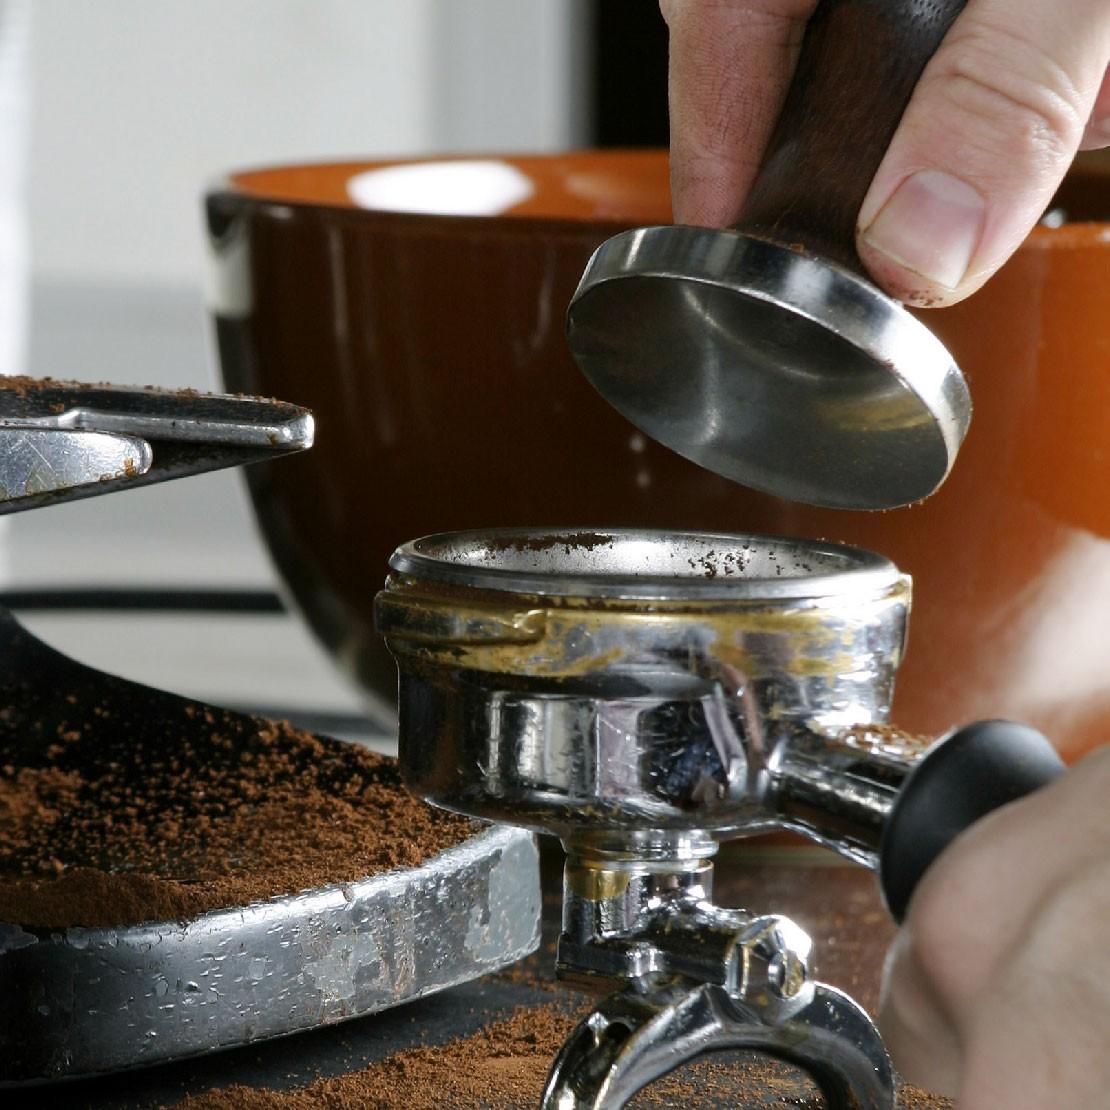 咖啡師實務課程  (第209屆) 2021.09.07 - 2021.10.26  (Tue)